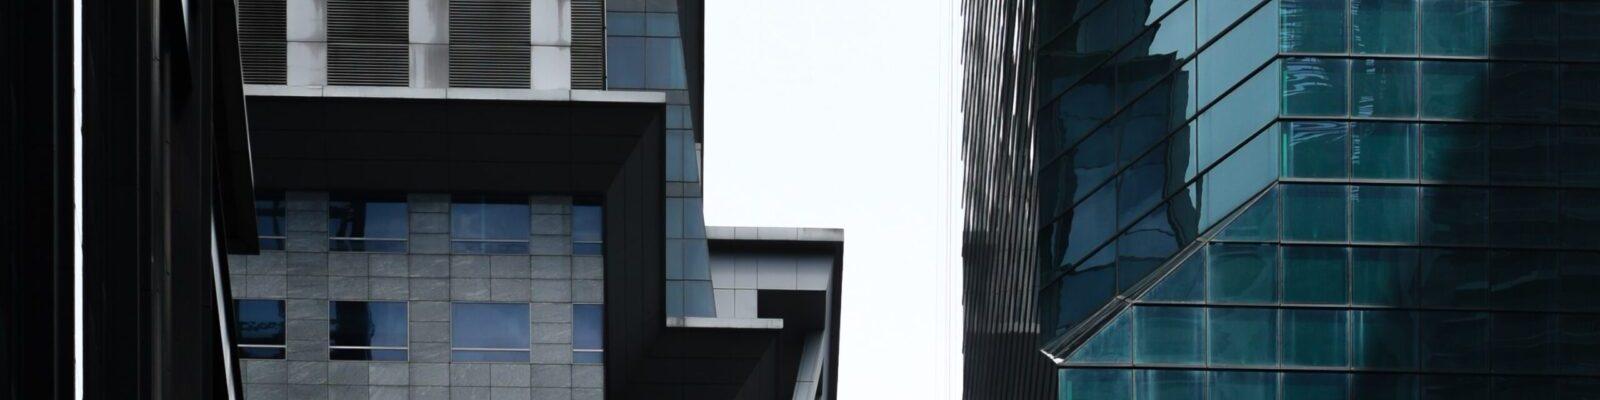 architecture12